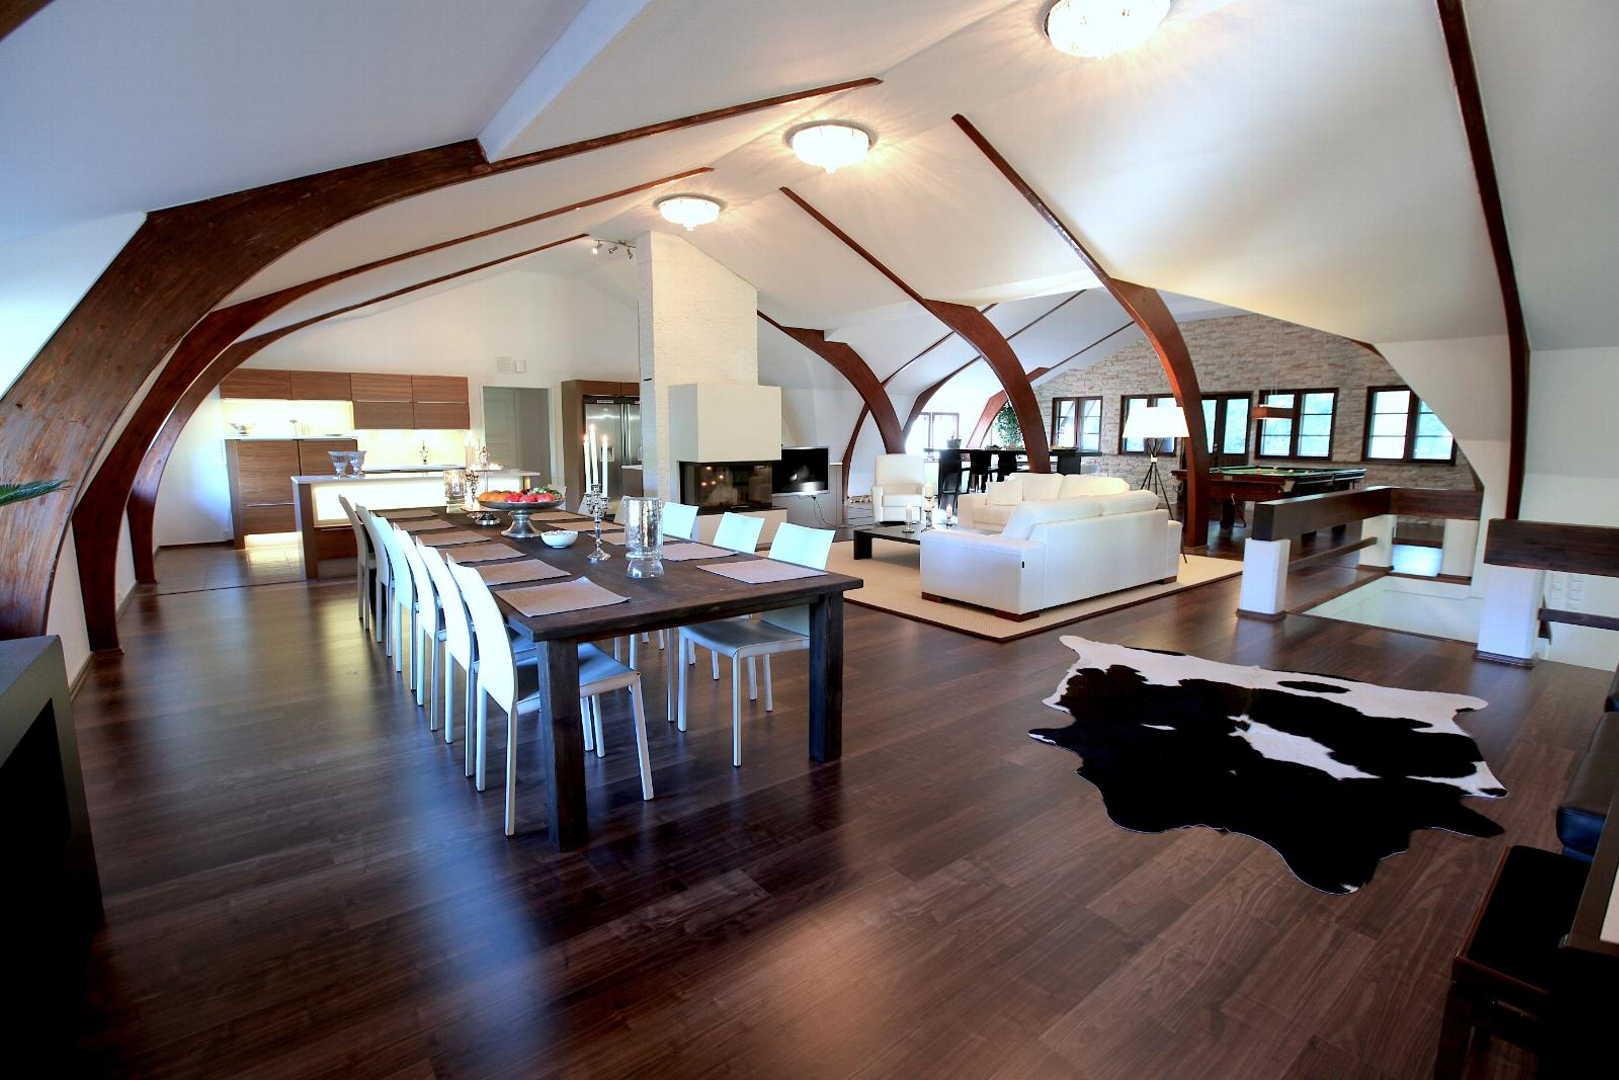 Moderni keittiö olohuone ruokailutila, Etuovi com Asunnot, 52a01e70498e5d0348